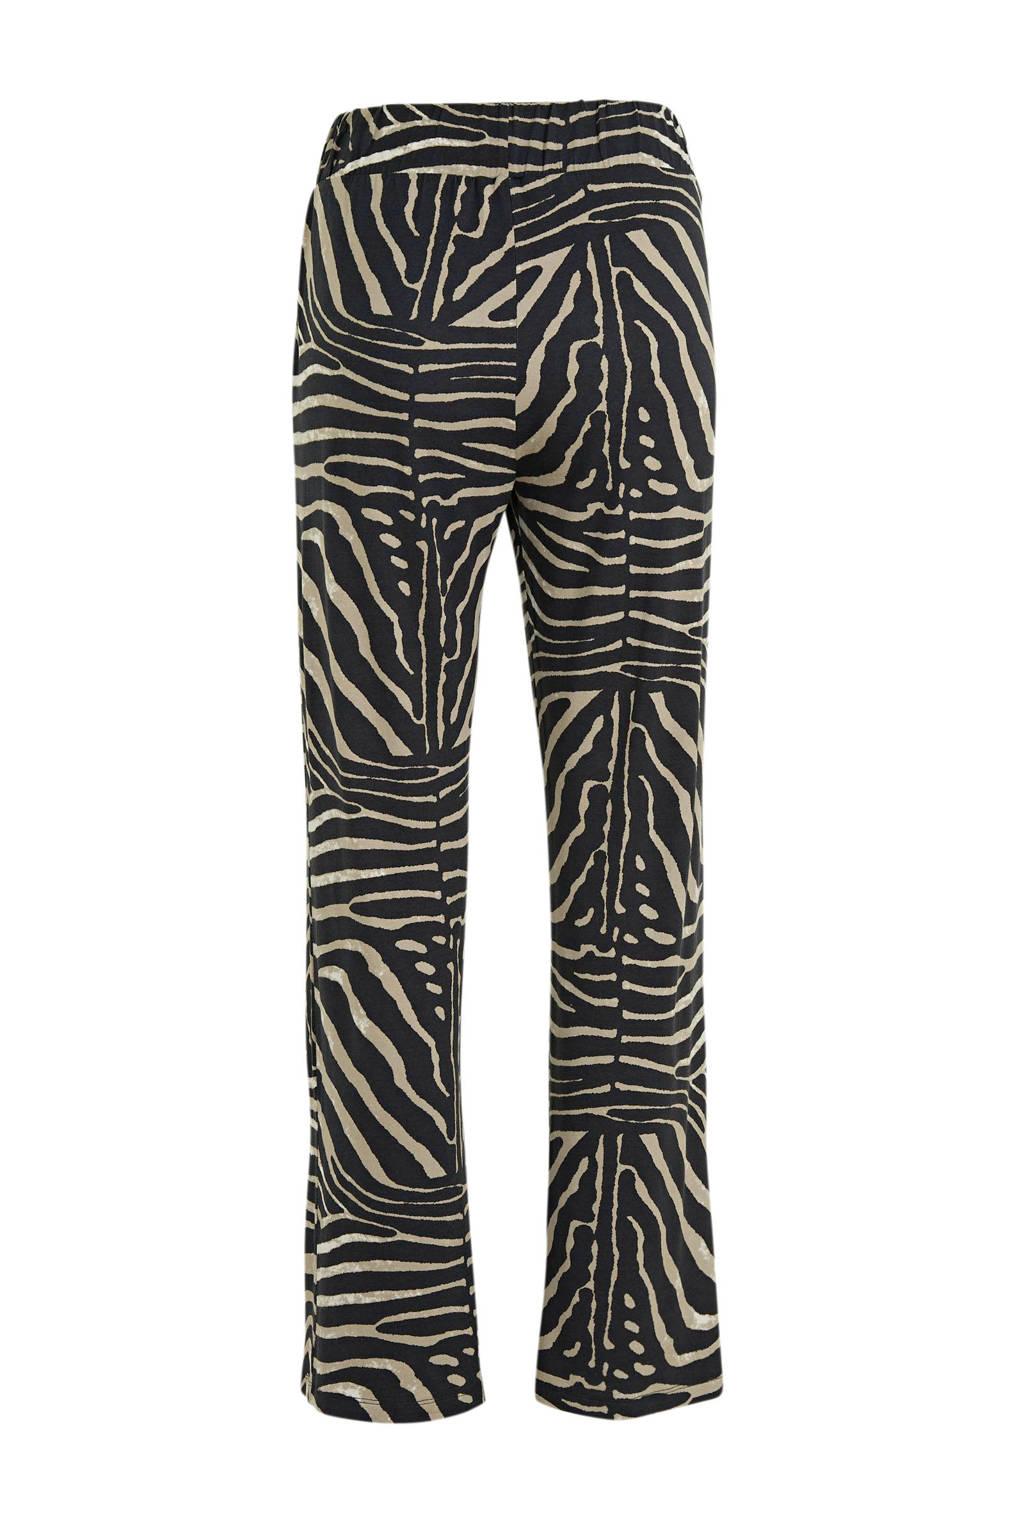 Geisha high waist loose fit broek Britt met sierstenen beige/zwart, Beige/zwart